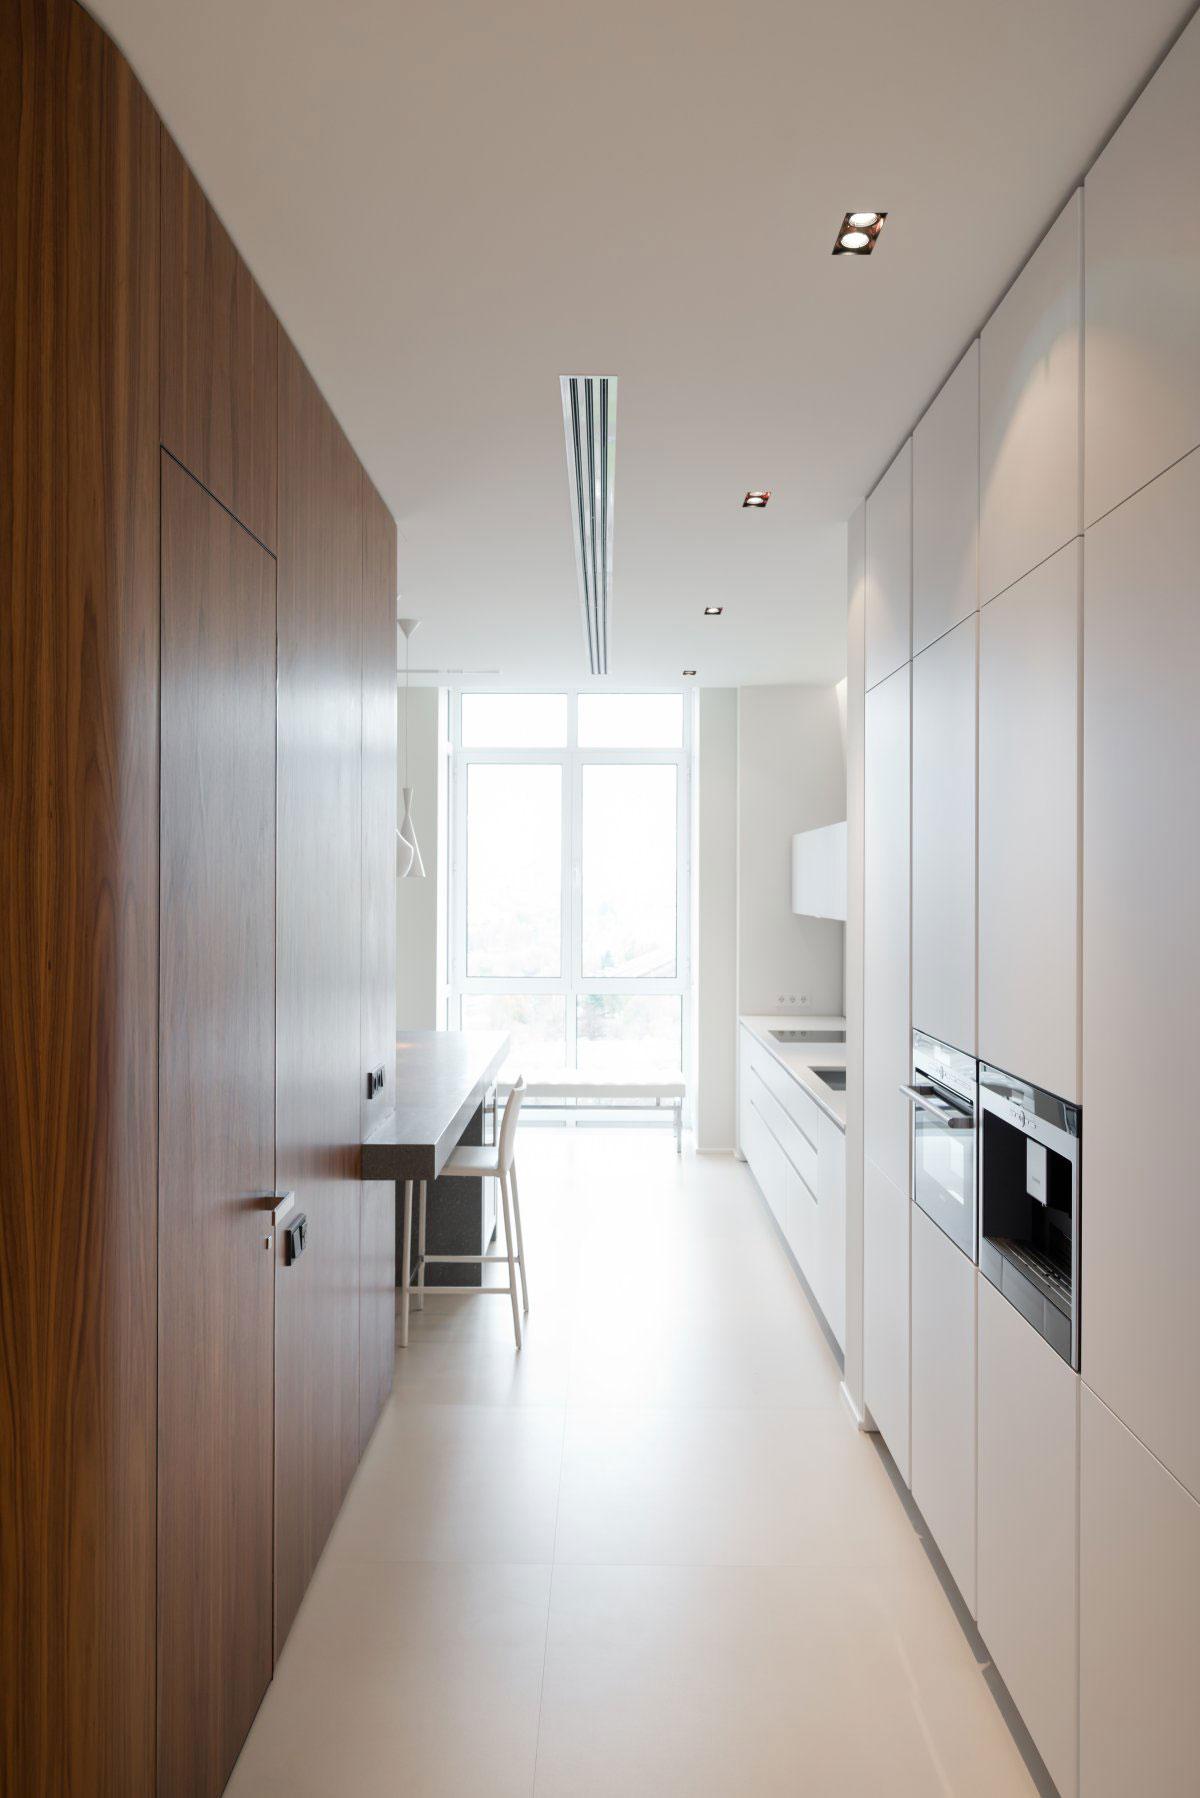 Роскошный интерьер кухни в загородном доме - Фото 38